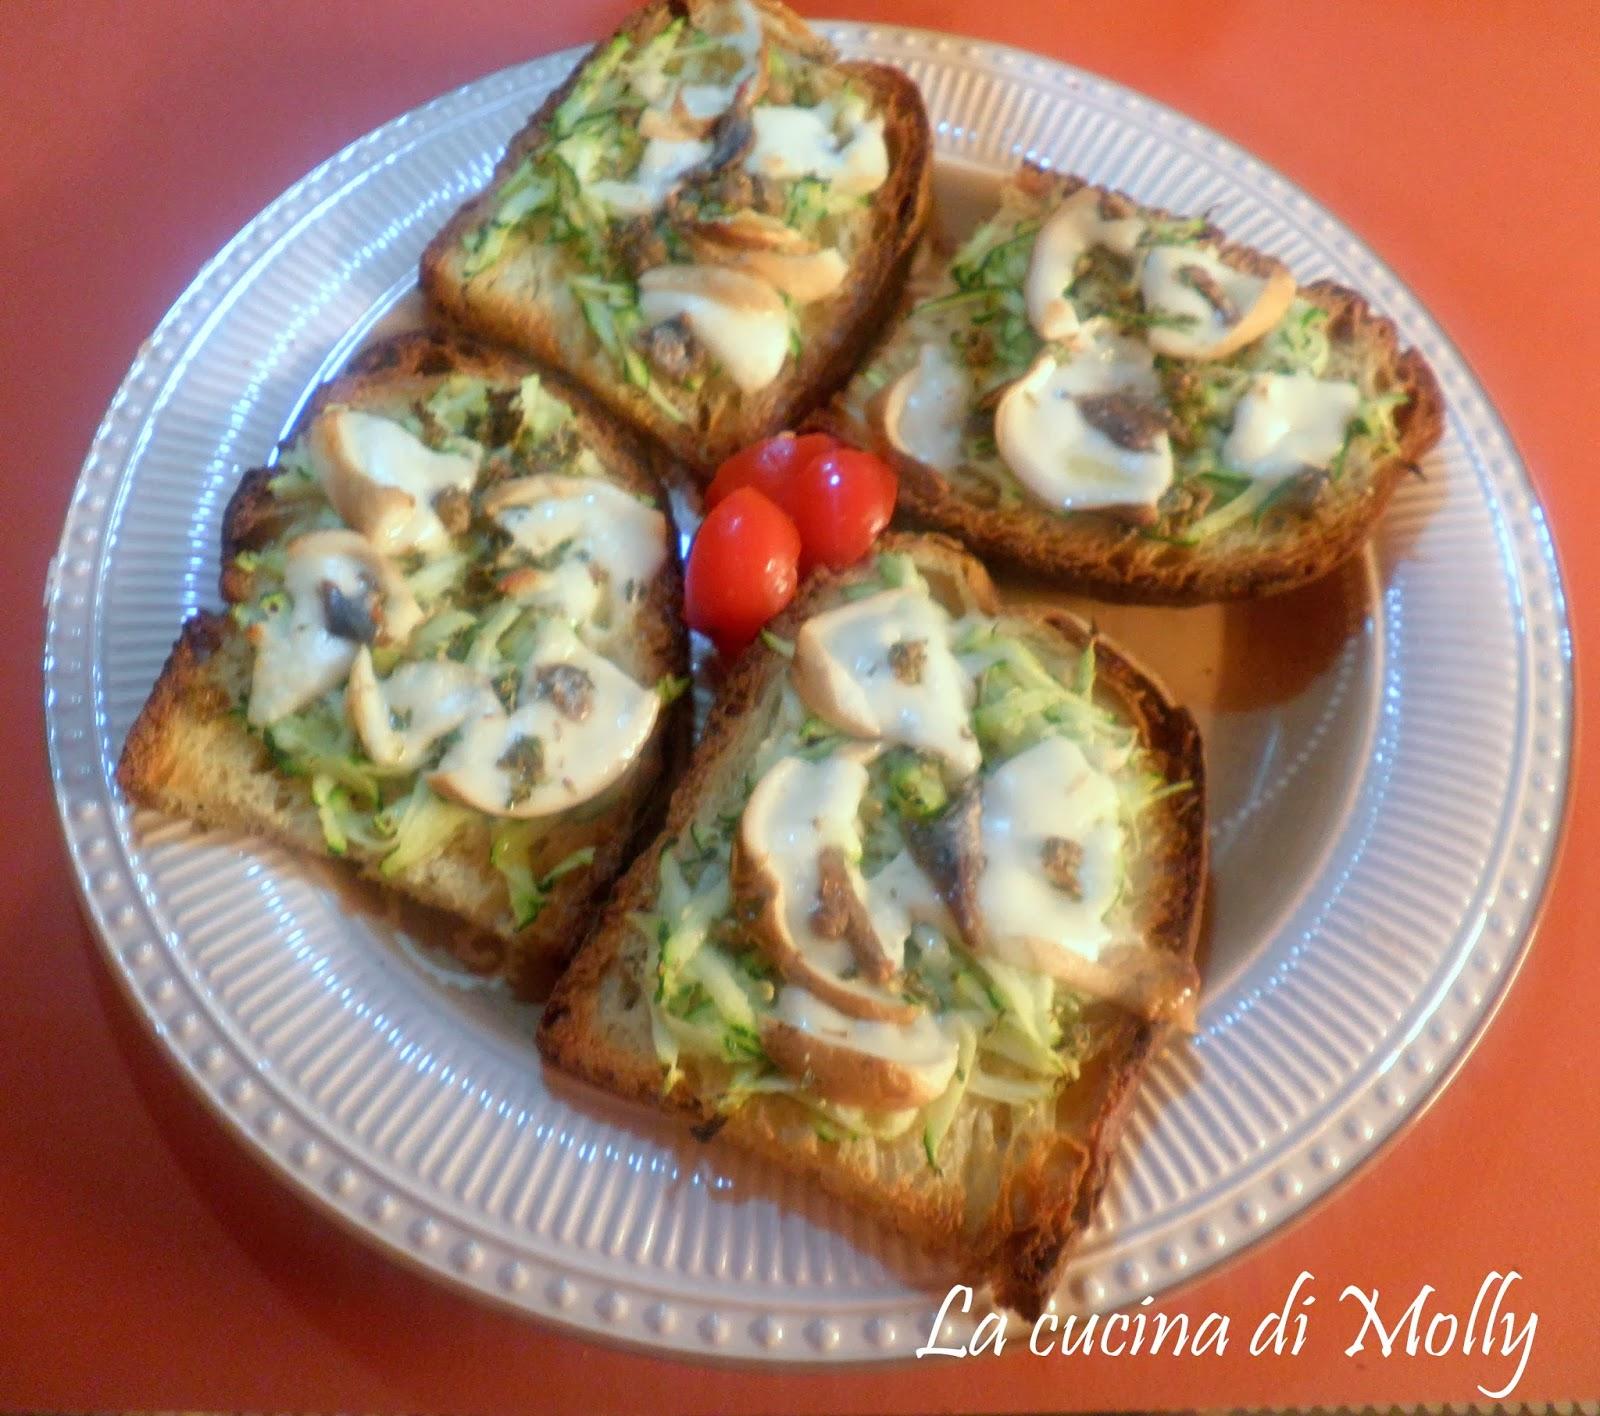 bruschetta con zucchina e mozzarella  affumicata